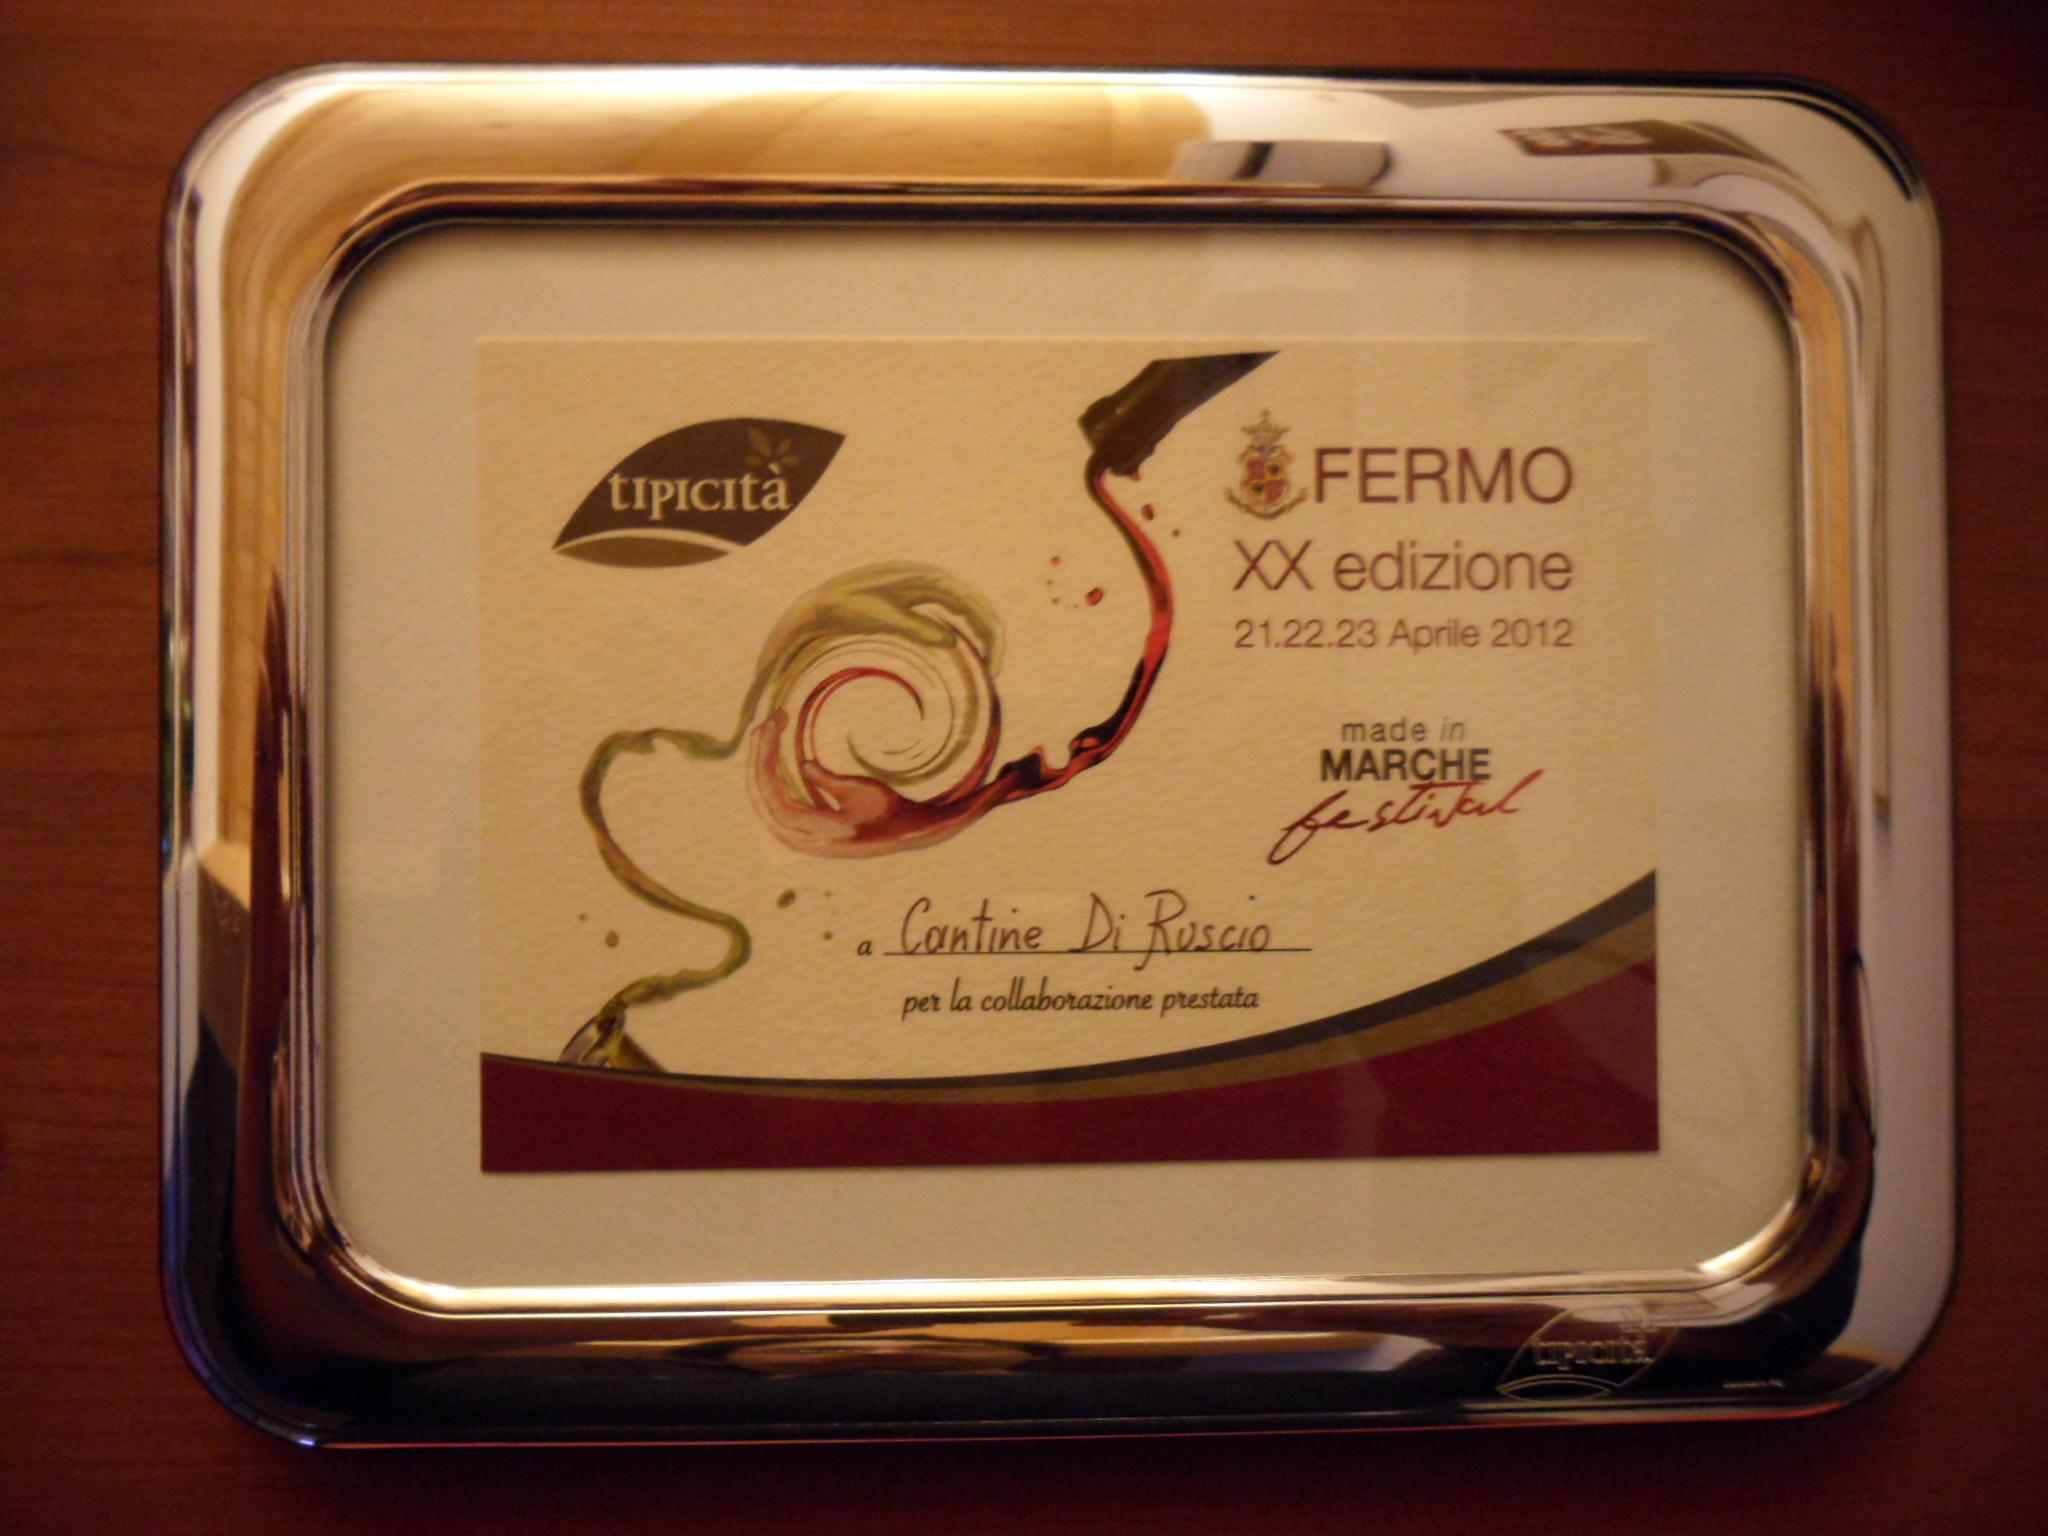 Cantina Di Ruscio premiata al Tipicità 2012, Made in Marche festival